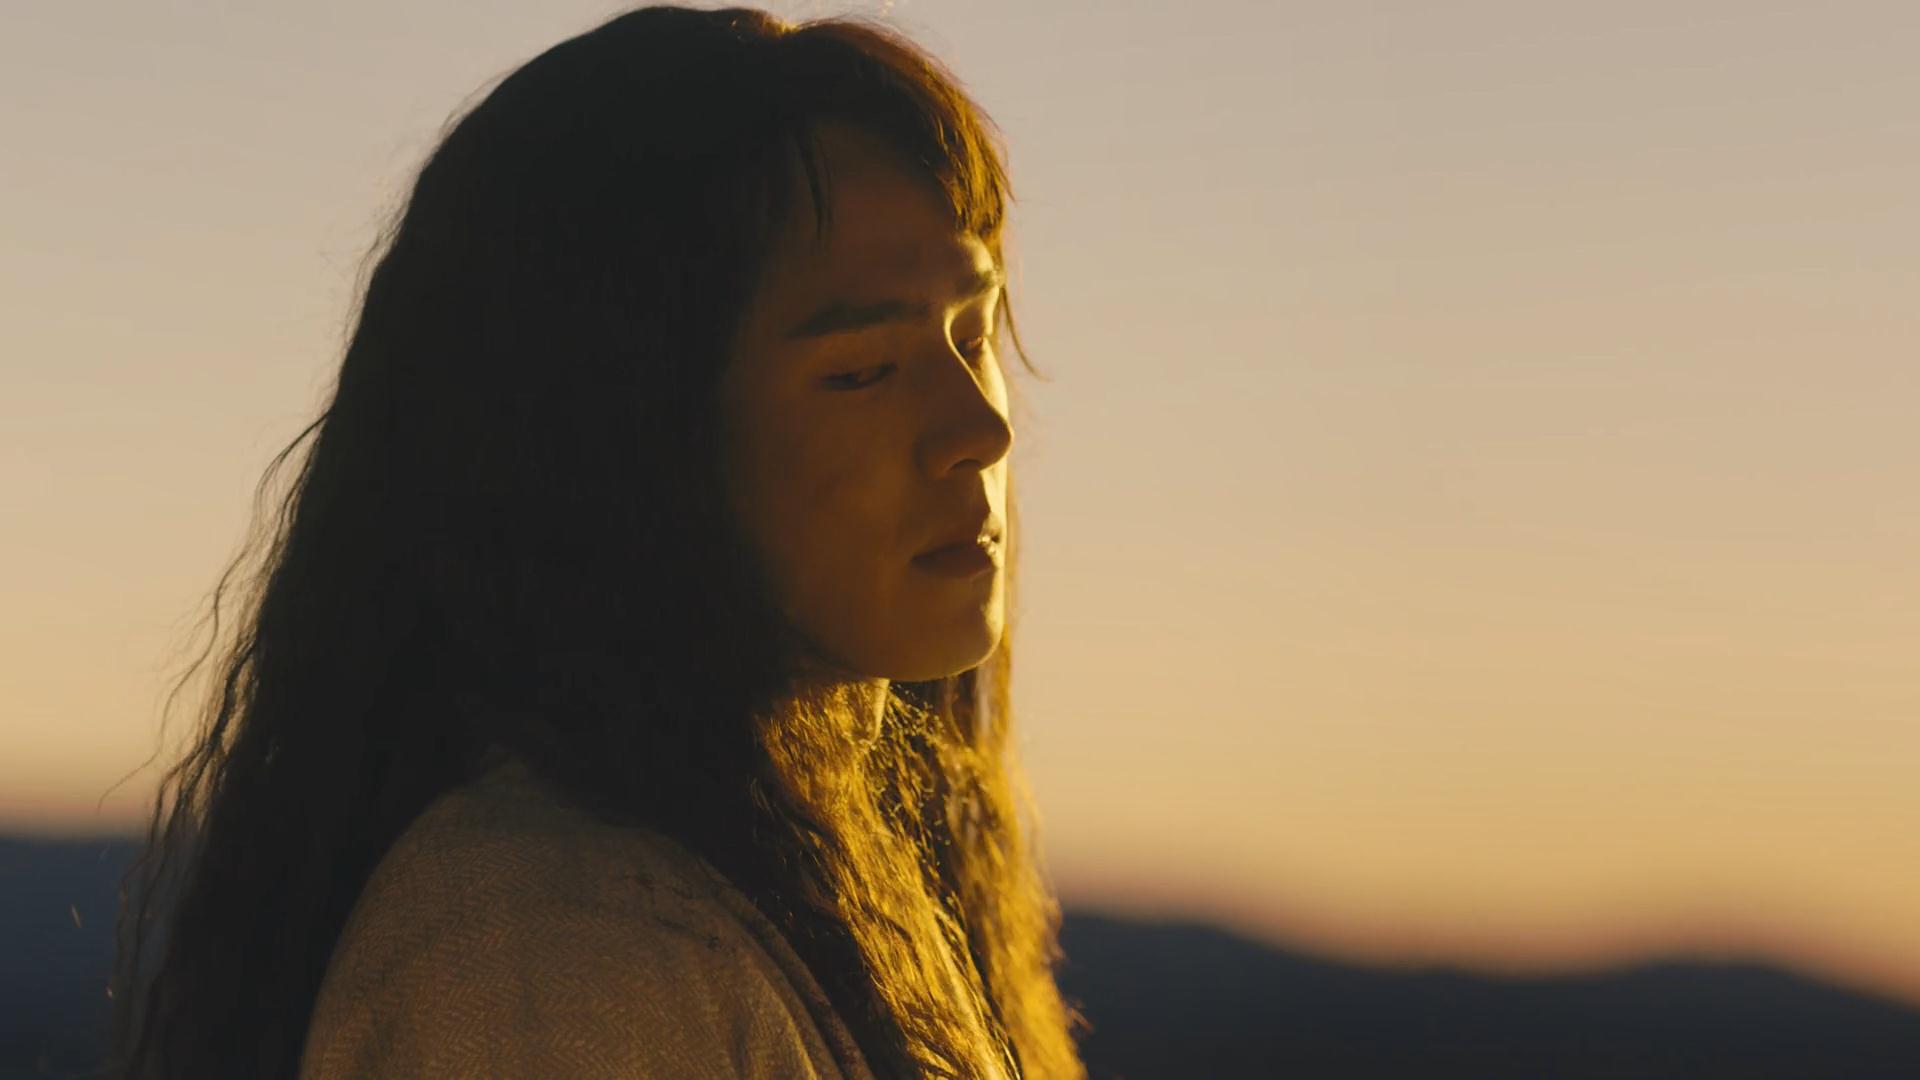 Cửu châu phiêu miểu lục 2019 Lưu Hạo Nhiên trong vai  A Tộc Lặc